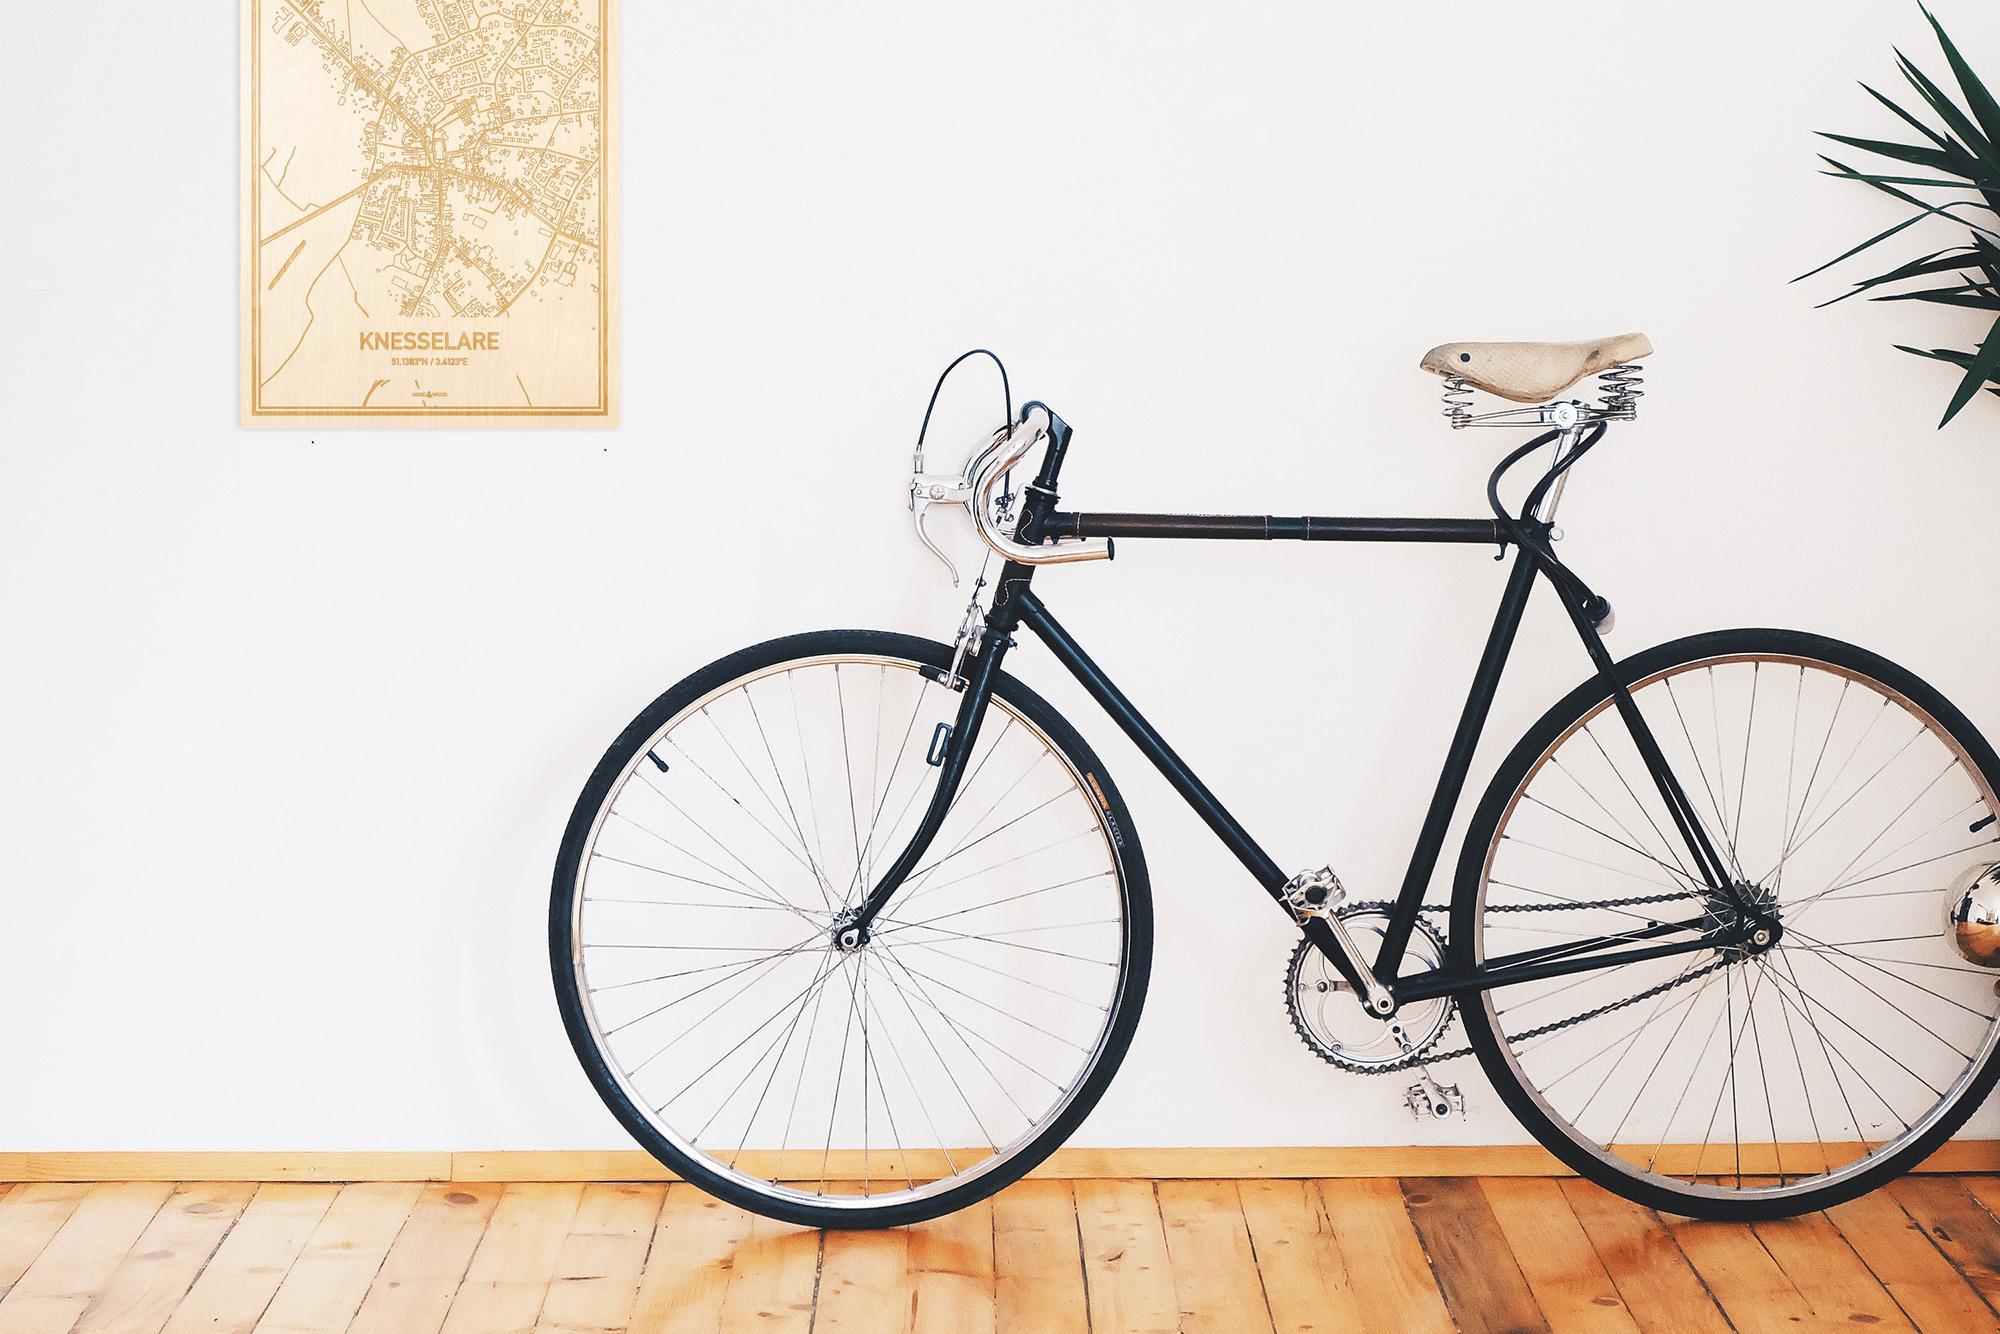 Een snelle fiets in een uniek interieur in Oost-Vlaanderen  met mooie decoratie zoals de plattegrond Knesselare.